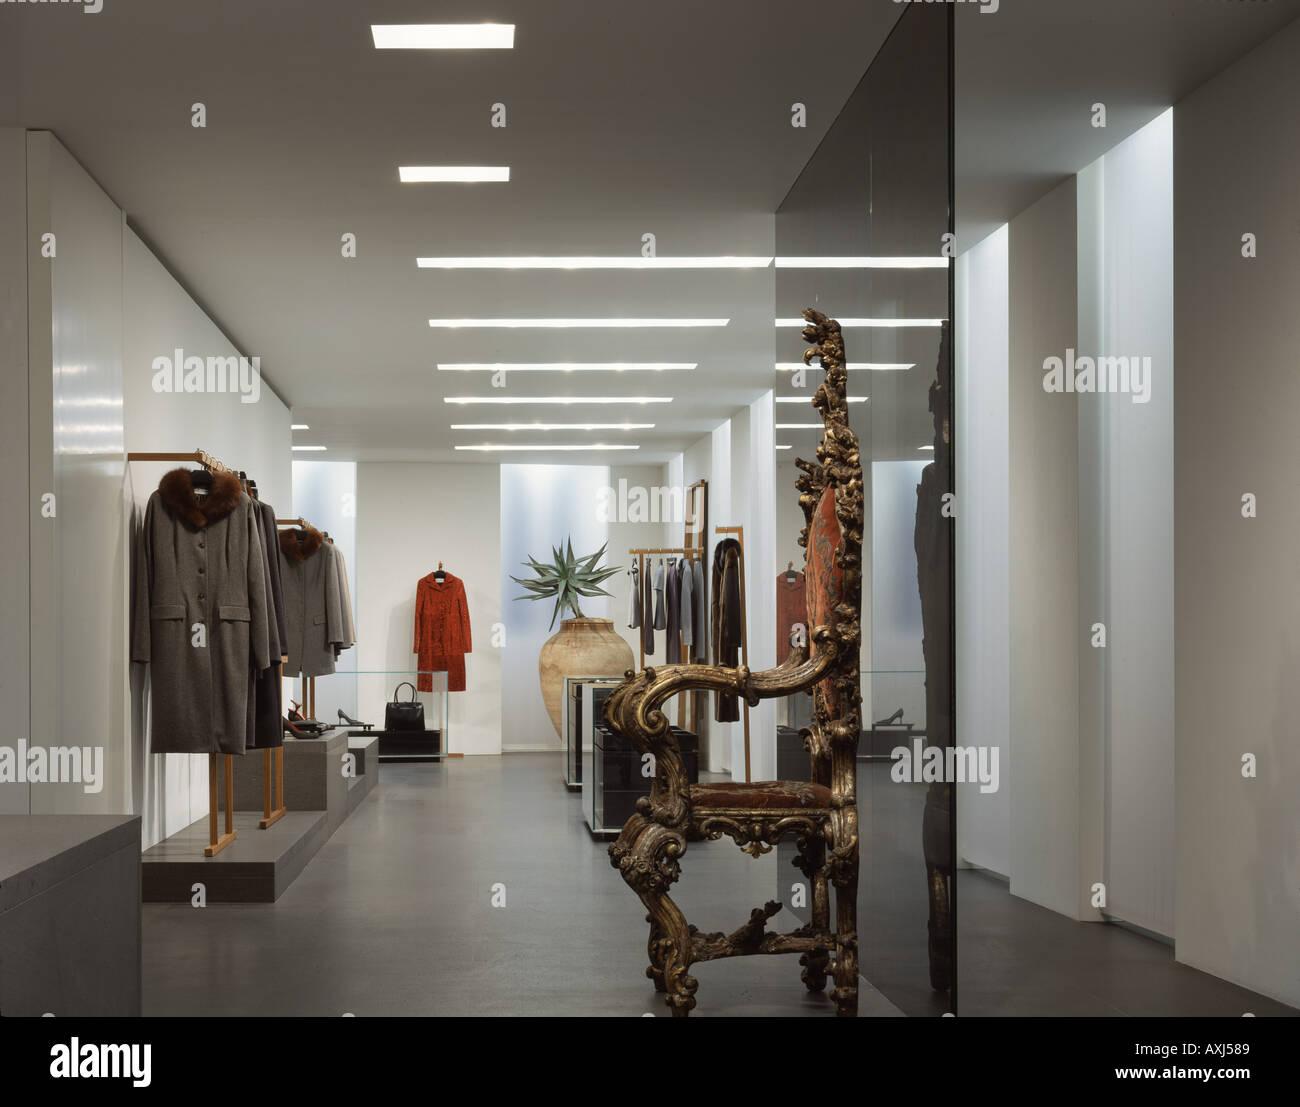 DOLCE GABBANA MILAN - Stock Image